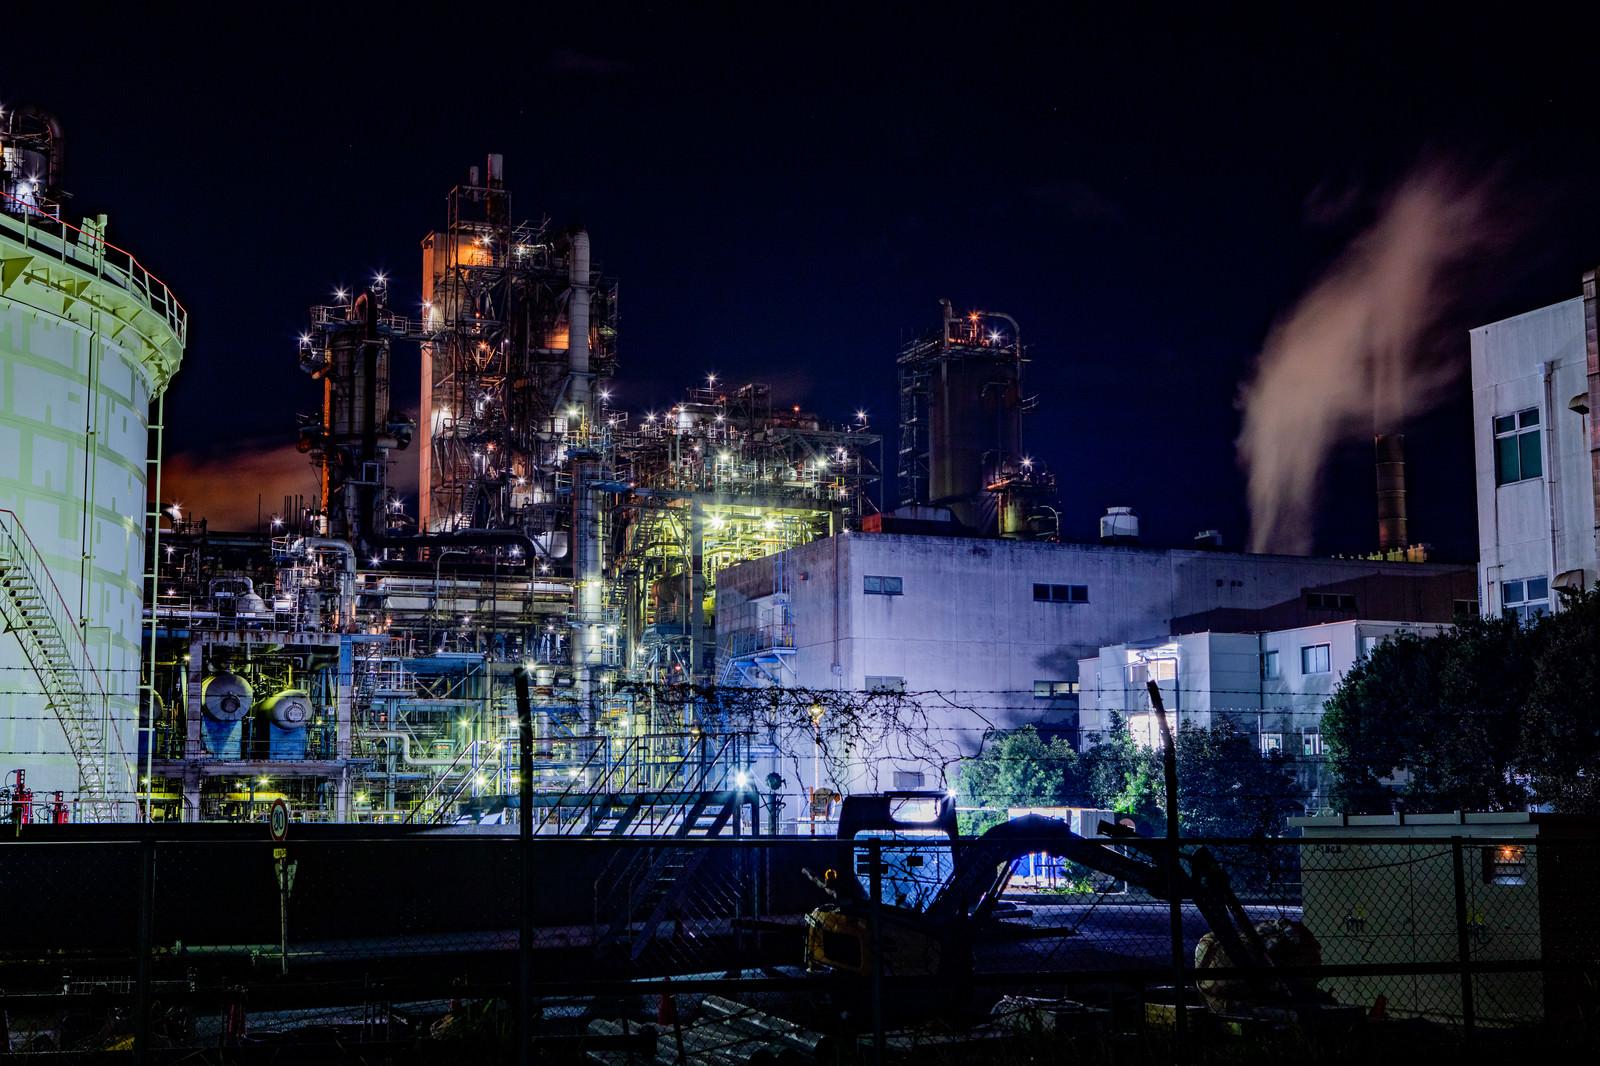 「川崎工場地帯の夜景と立ち上がる煙」の写真